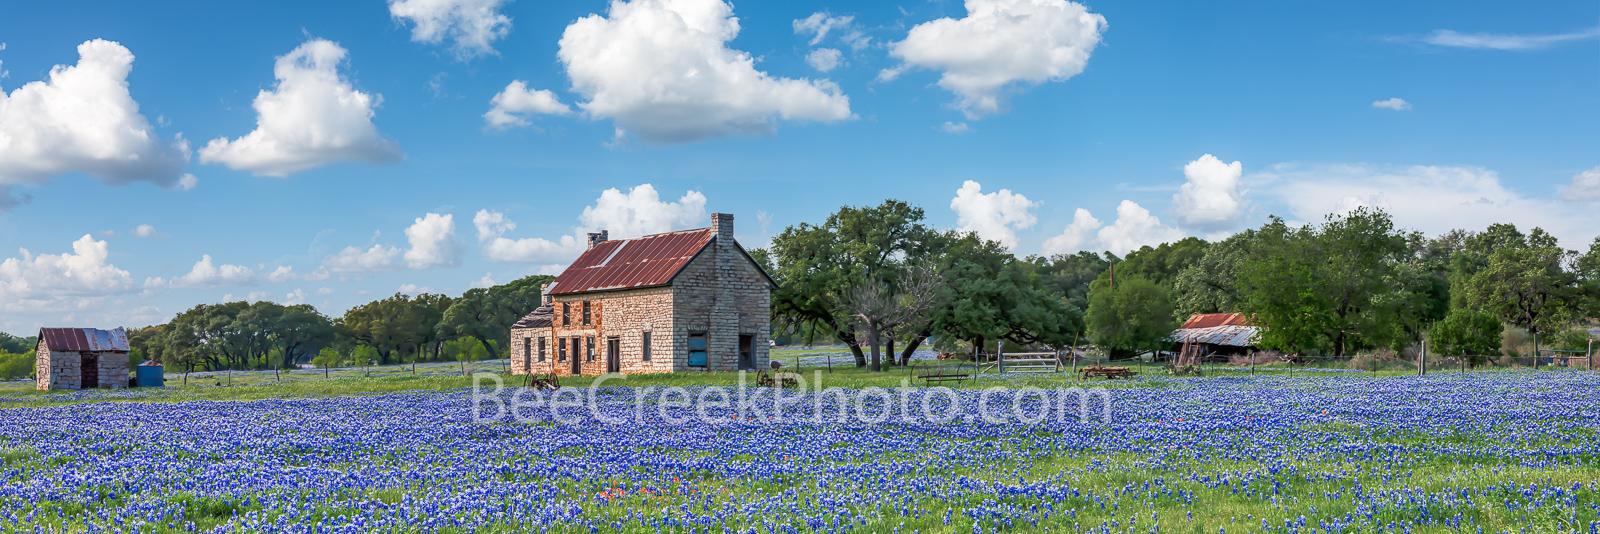 bluebonnet field, Texas Hill Country,  farm, farmhouse, farm equipment, old farmhouse, clouds, green, blue,  pano, panorama, german, farmer, , photo